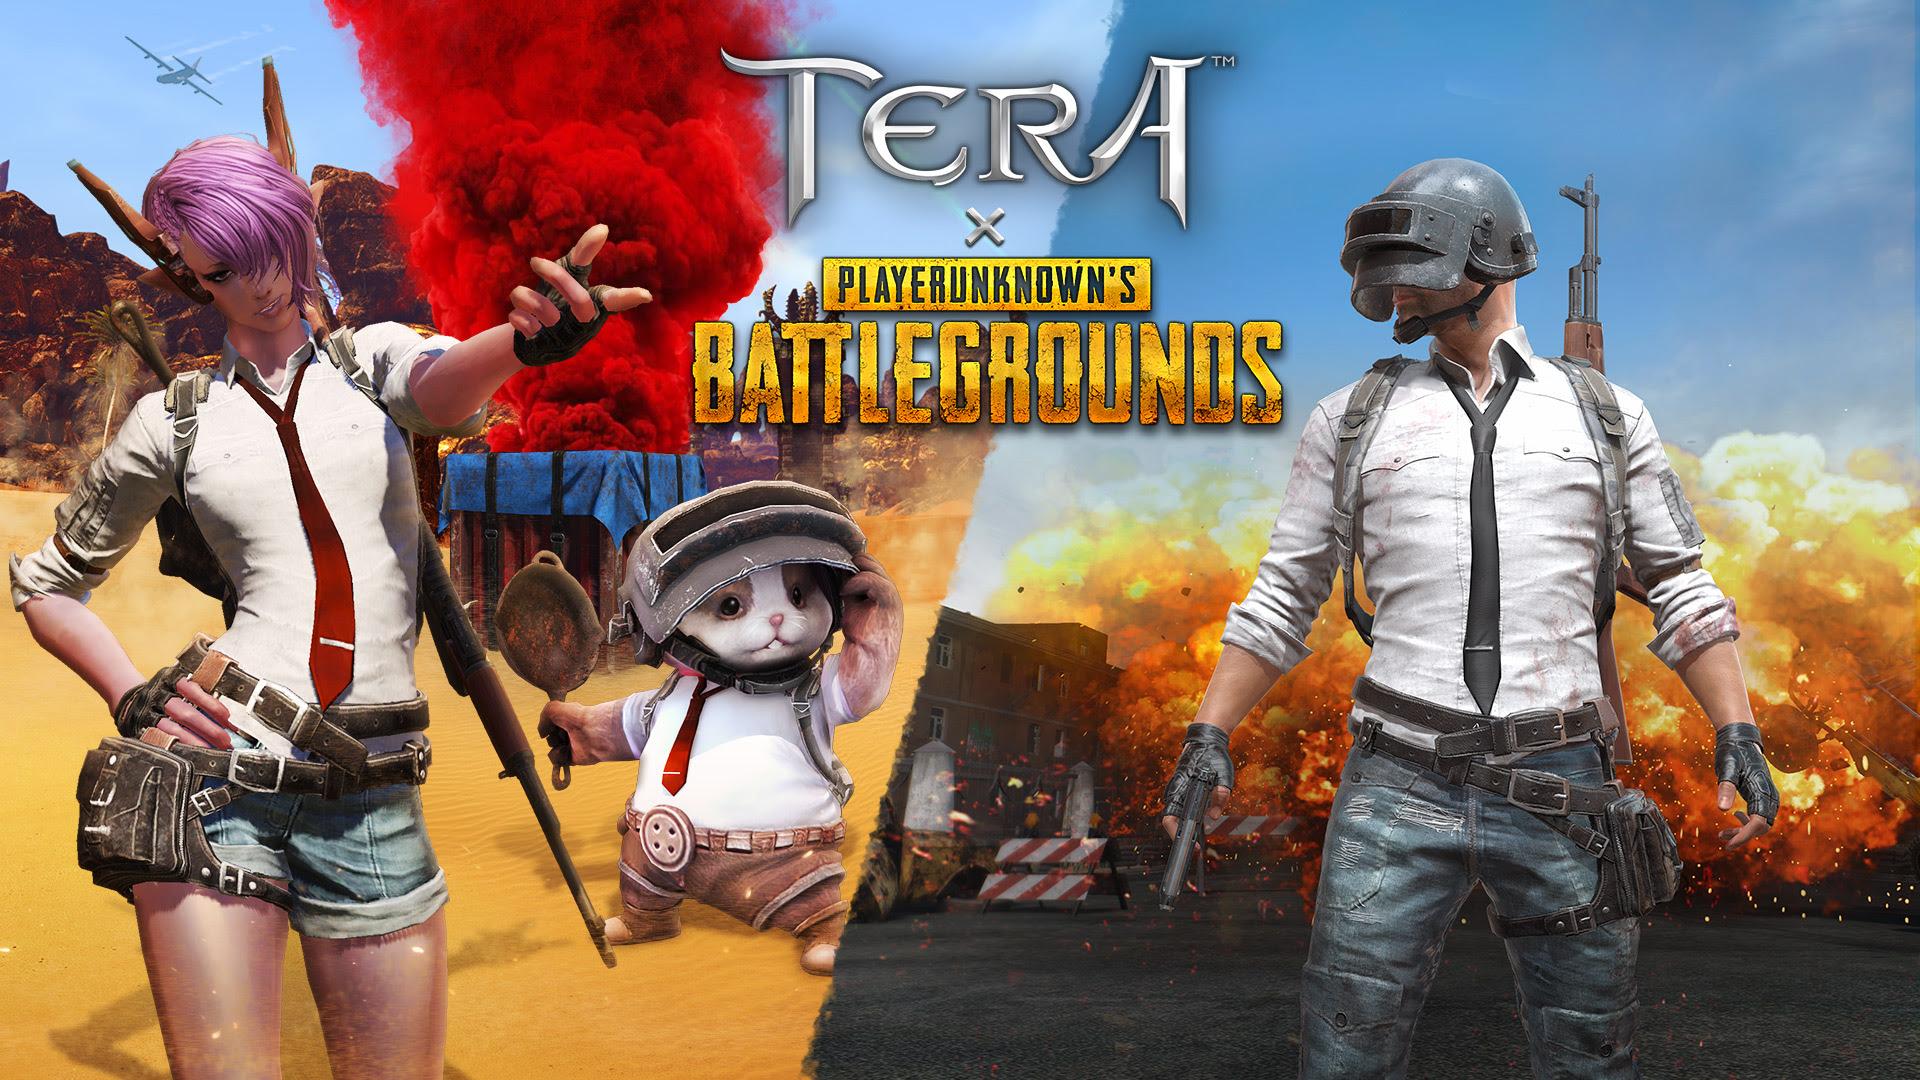 Playerunknown S Battlegrounds Text: PLAYERUNKNOWN'S BATTLEGROUNDS: Drop Into TERA X